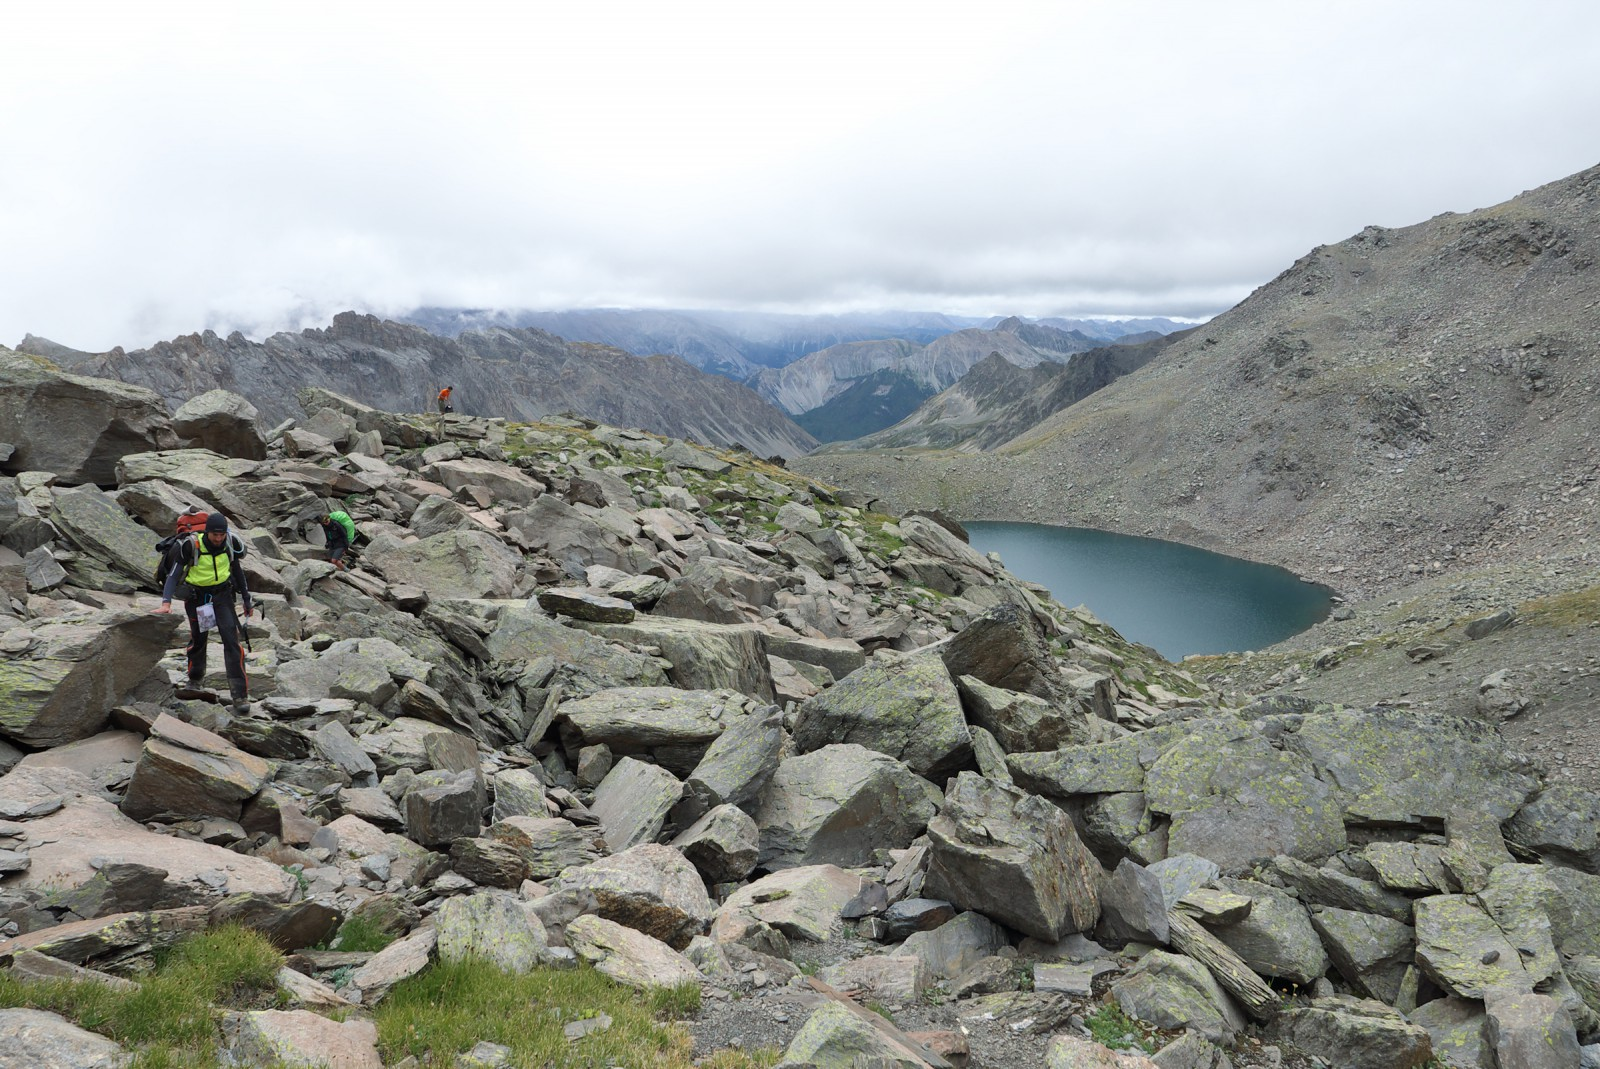 Photo passage dans les gros blocs au nord du lac blanc - Gros vers blancs dans le compost ...